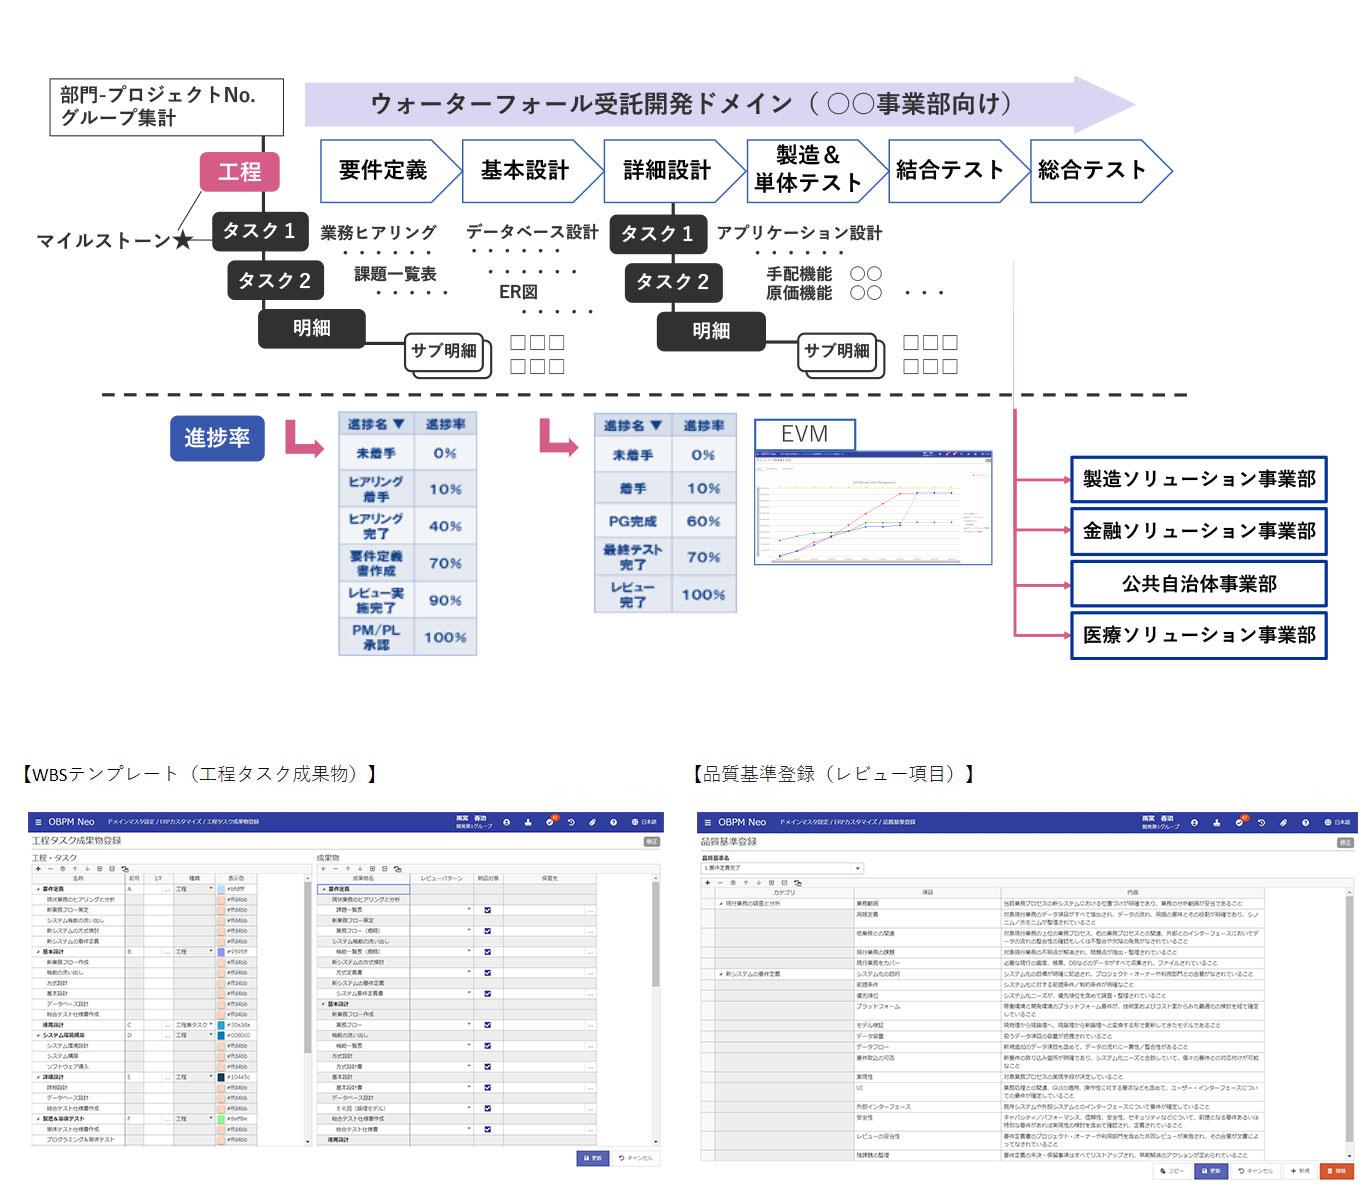 ドメイン(テンプレート)を利用したプロジェクト標準化